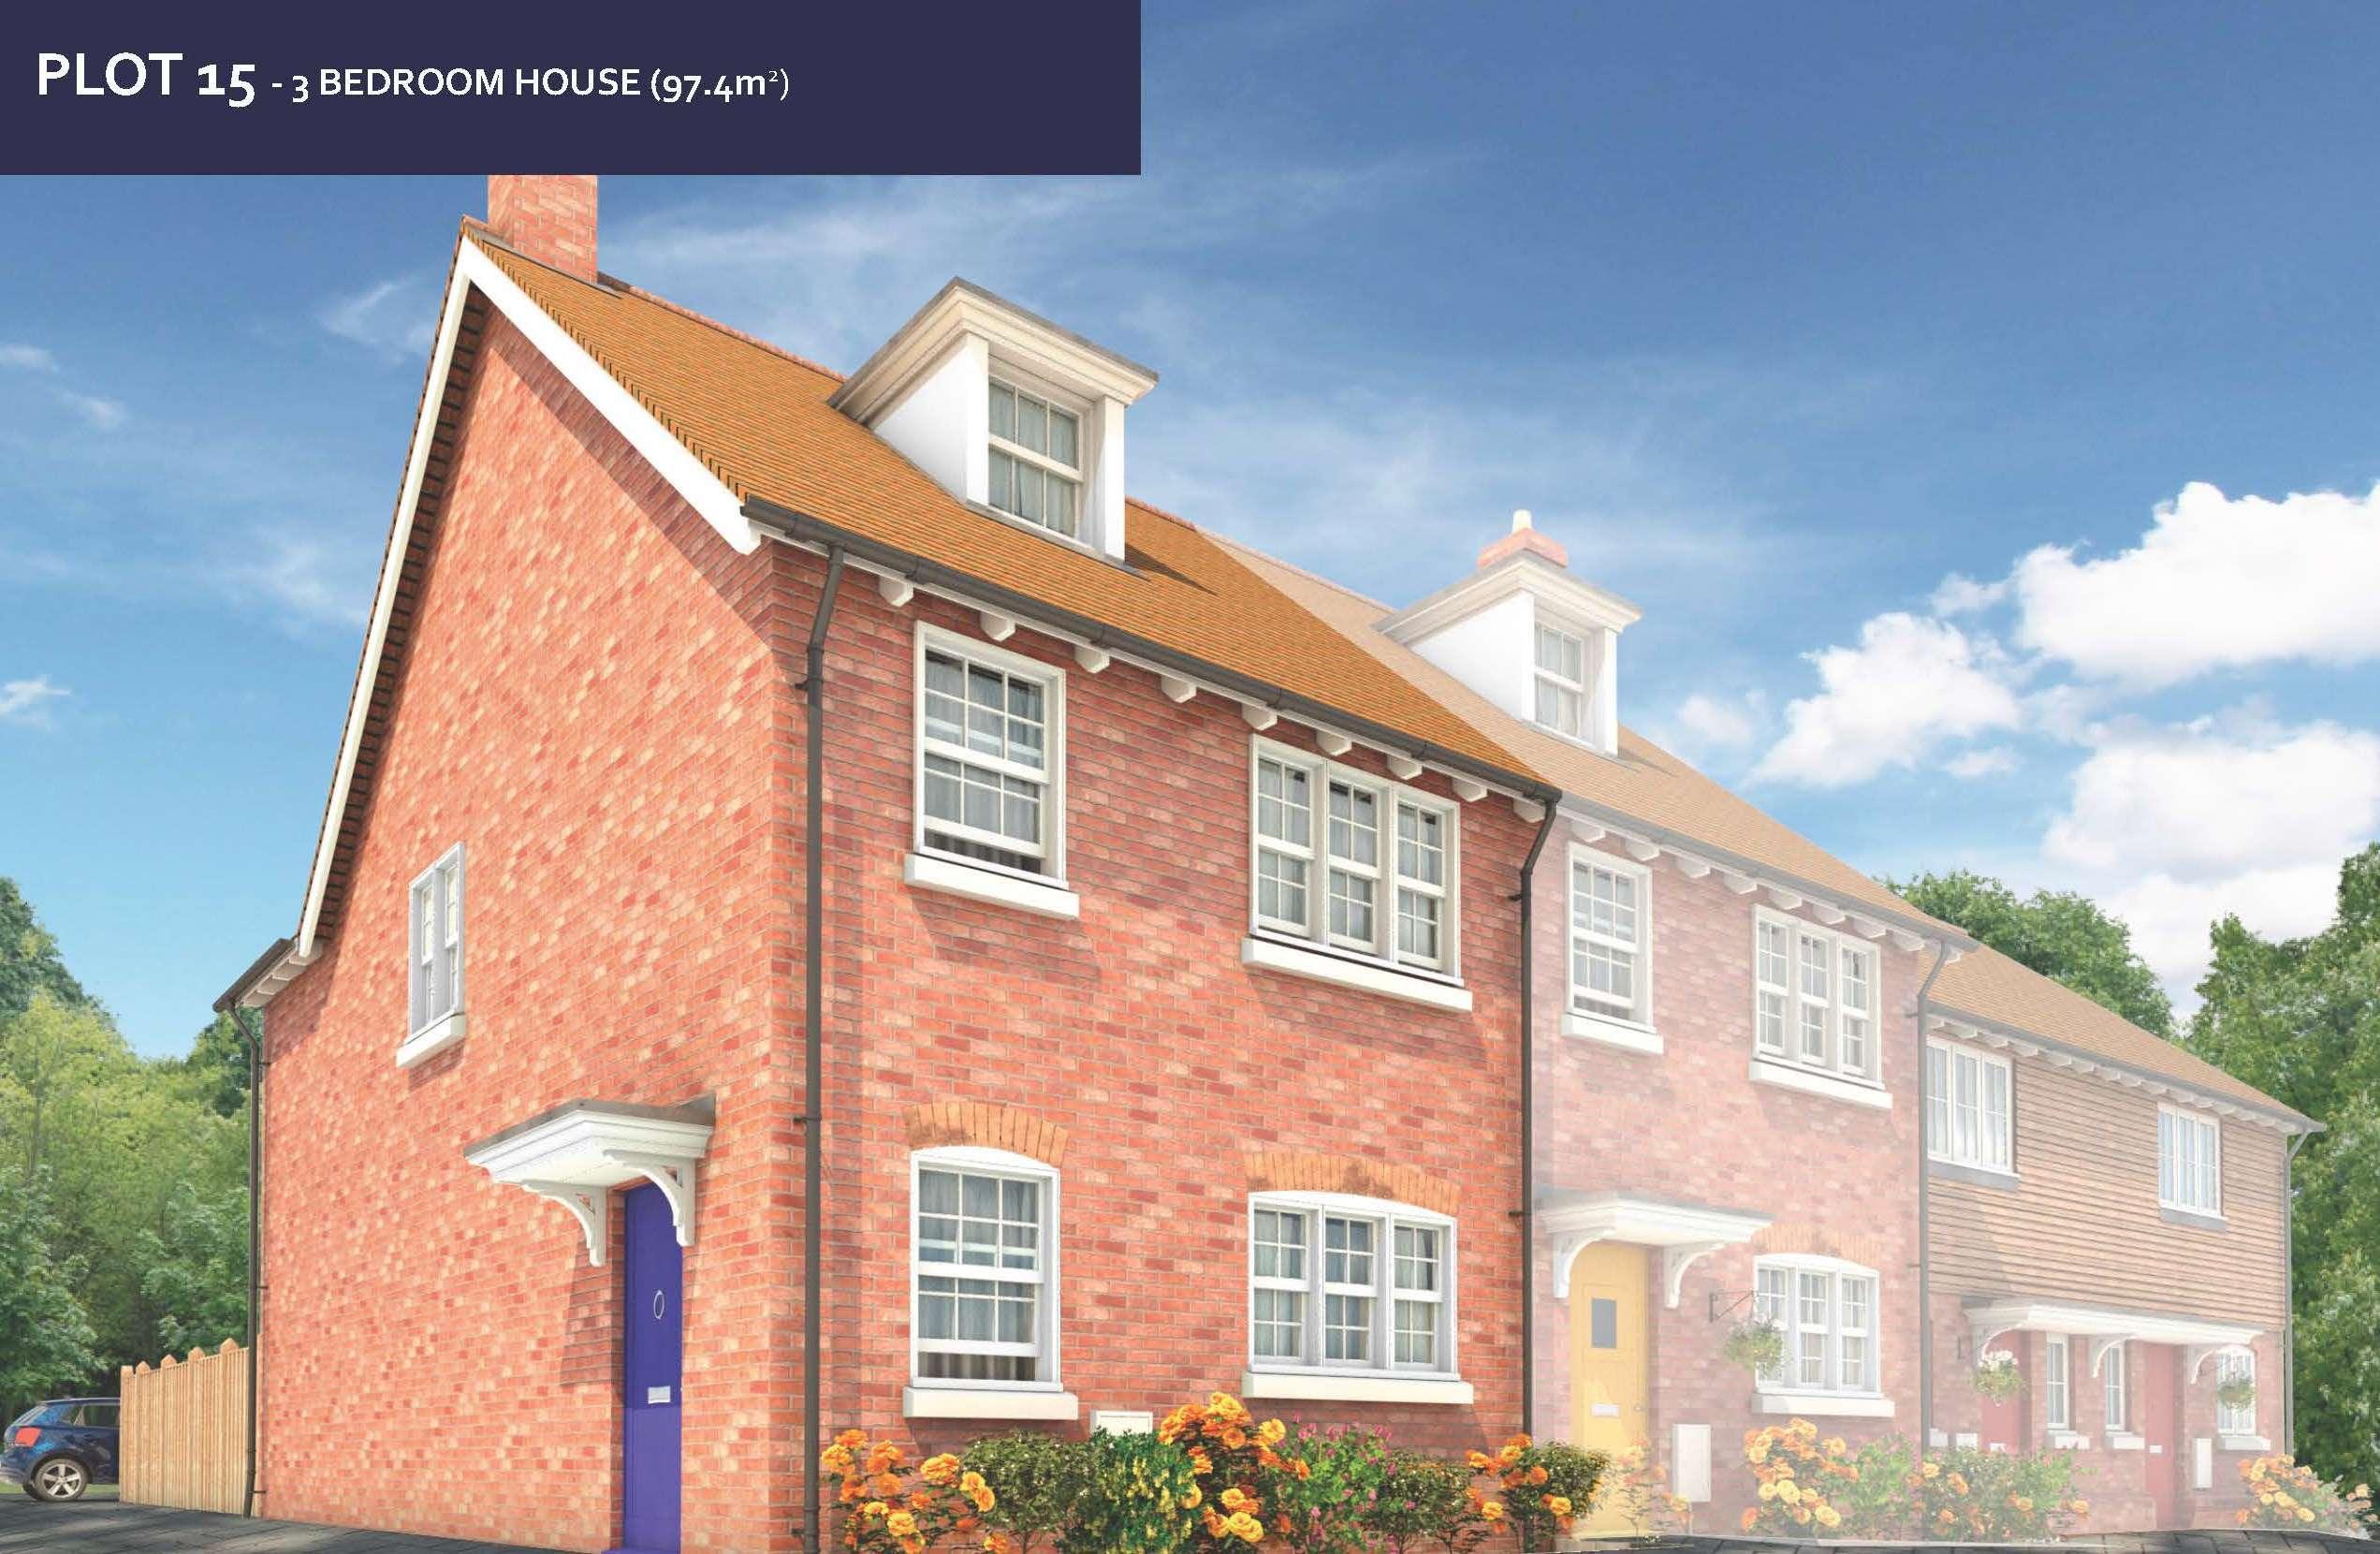 Golding Places House for sale Plot 15 Tolhurst Way 3 beds